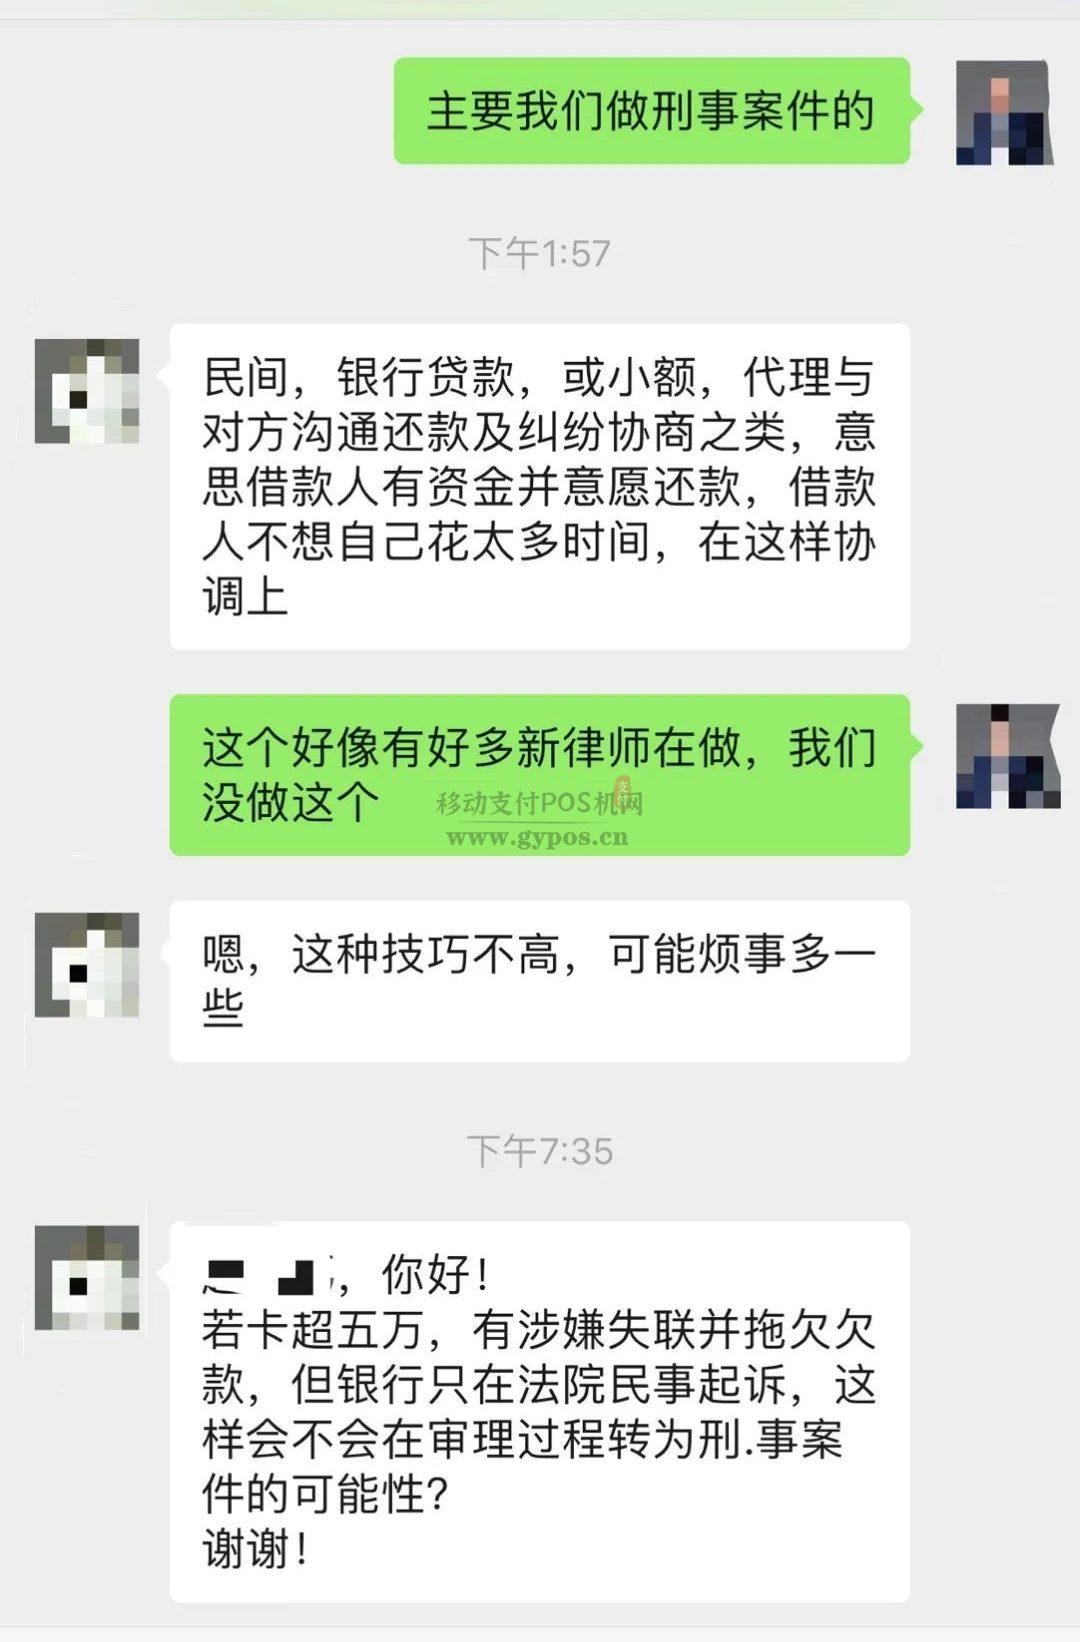 信用卡透支7万9被判信用卡诈骗!